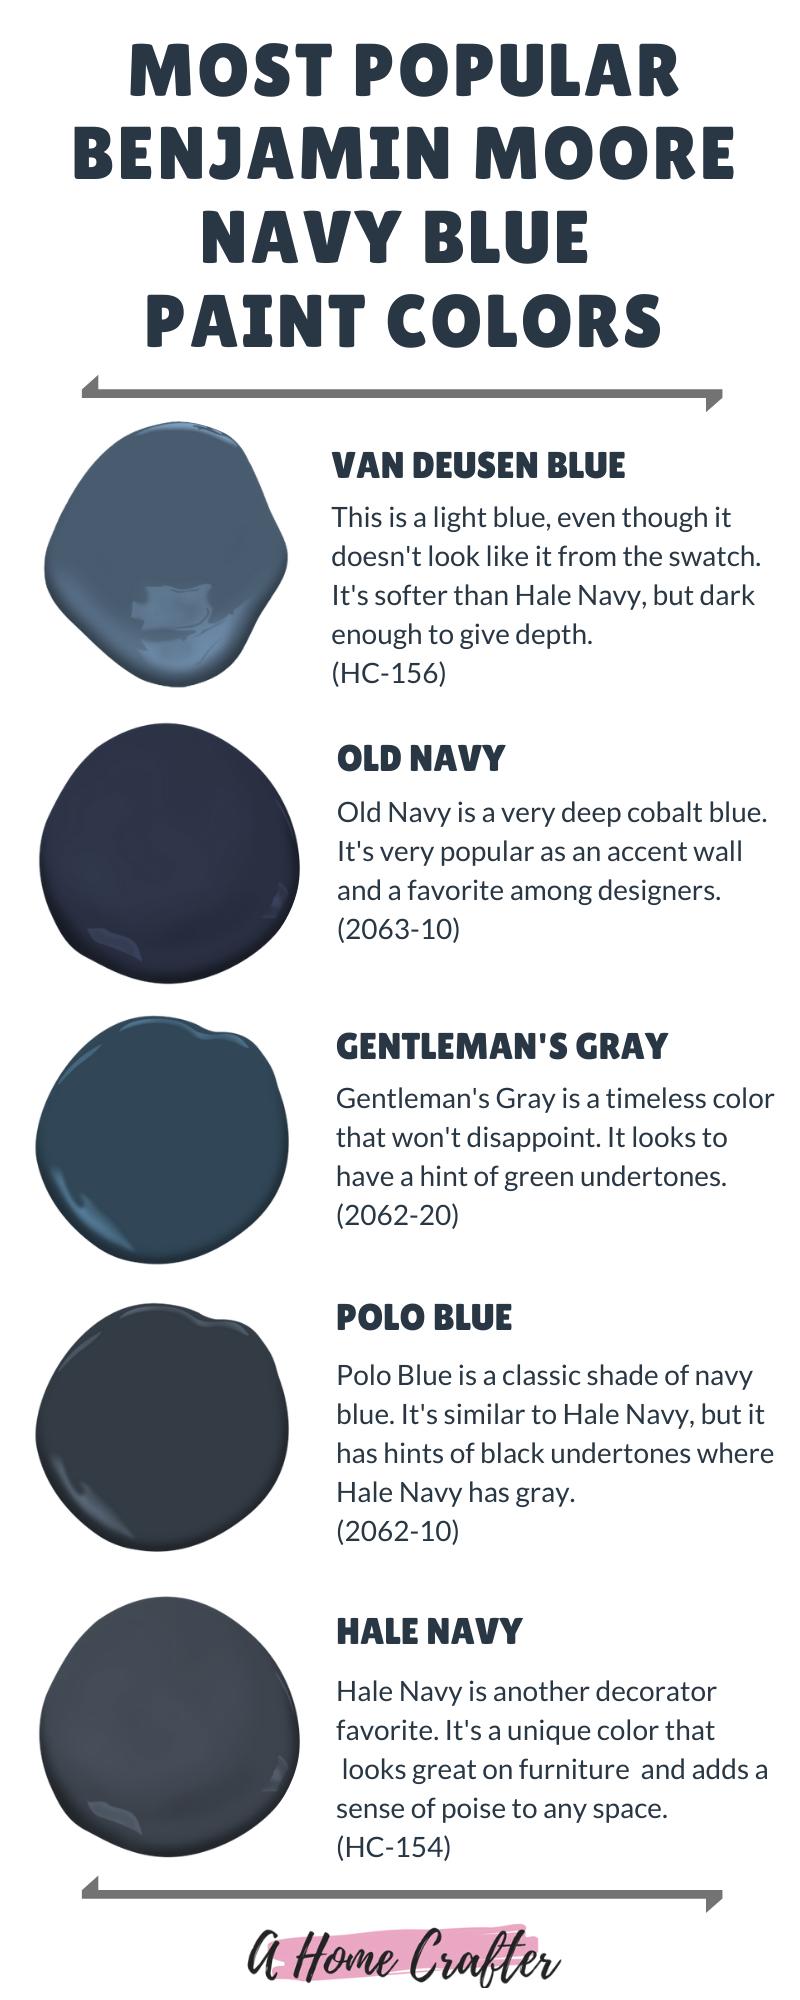 Best Navy Blue Paint Colors by Benjamin Moore #halenavybenjaminmoore